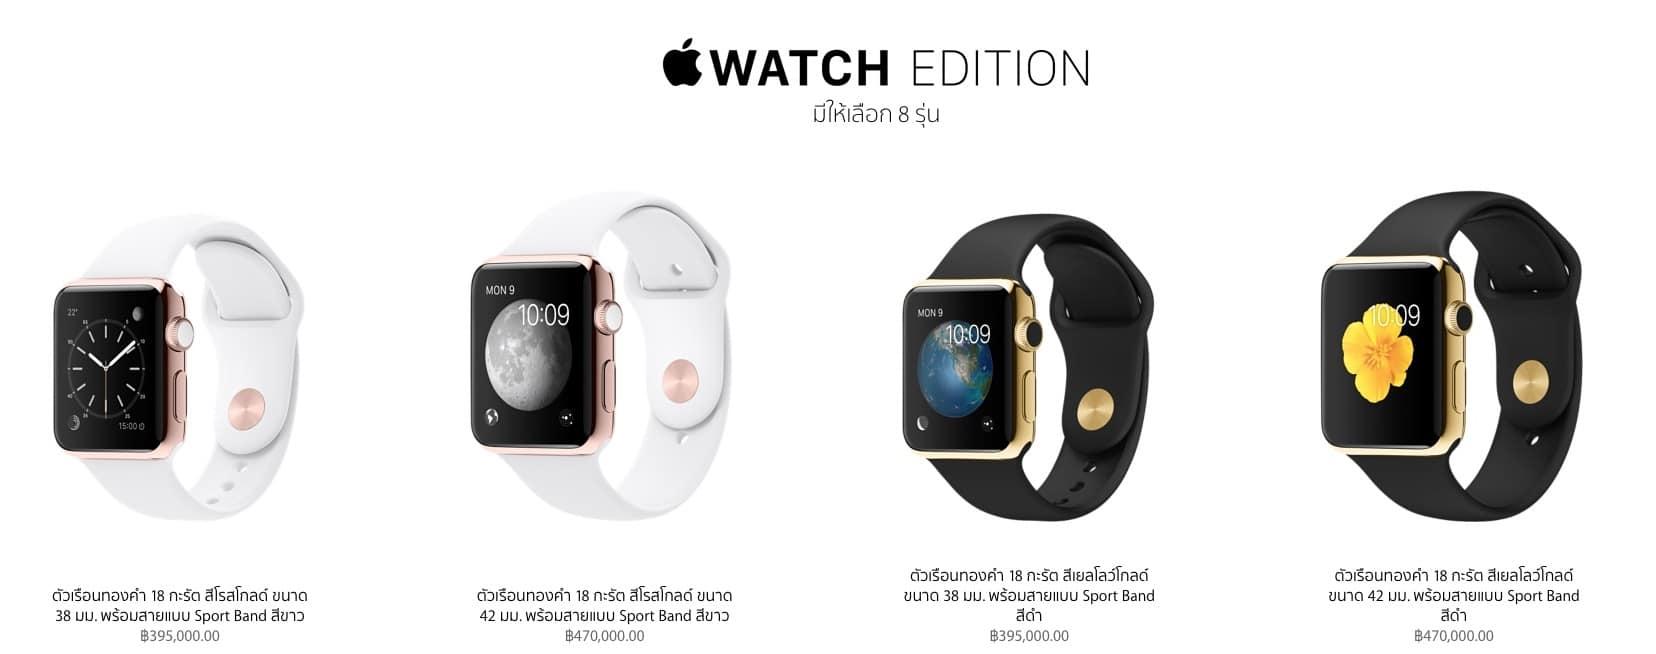 สำรวจราคาอย่างเป็นทางการ Apple Watch ไทย รุ่นถูกสุด 13,500 บาท : แพง